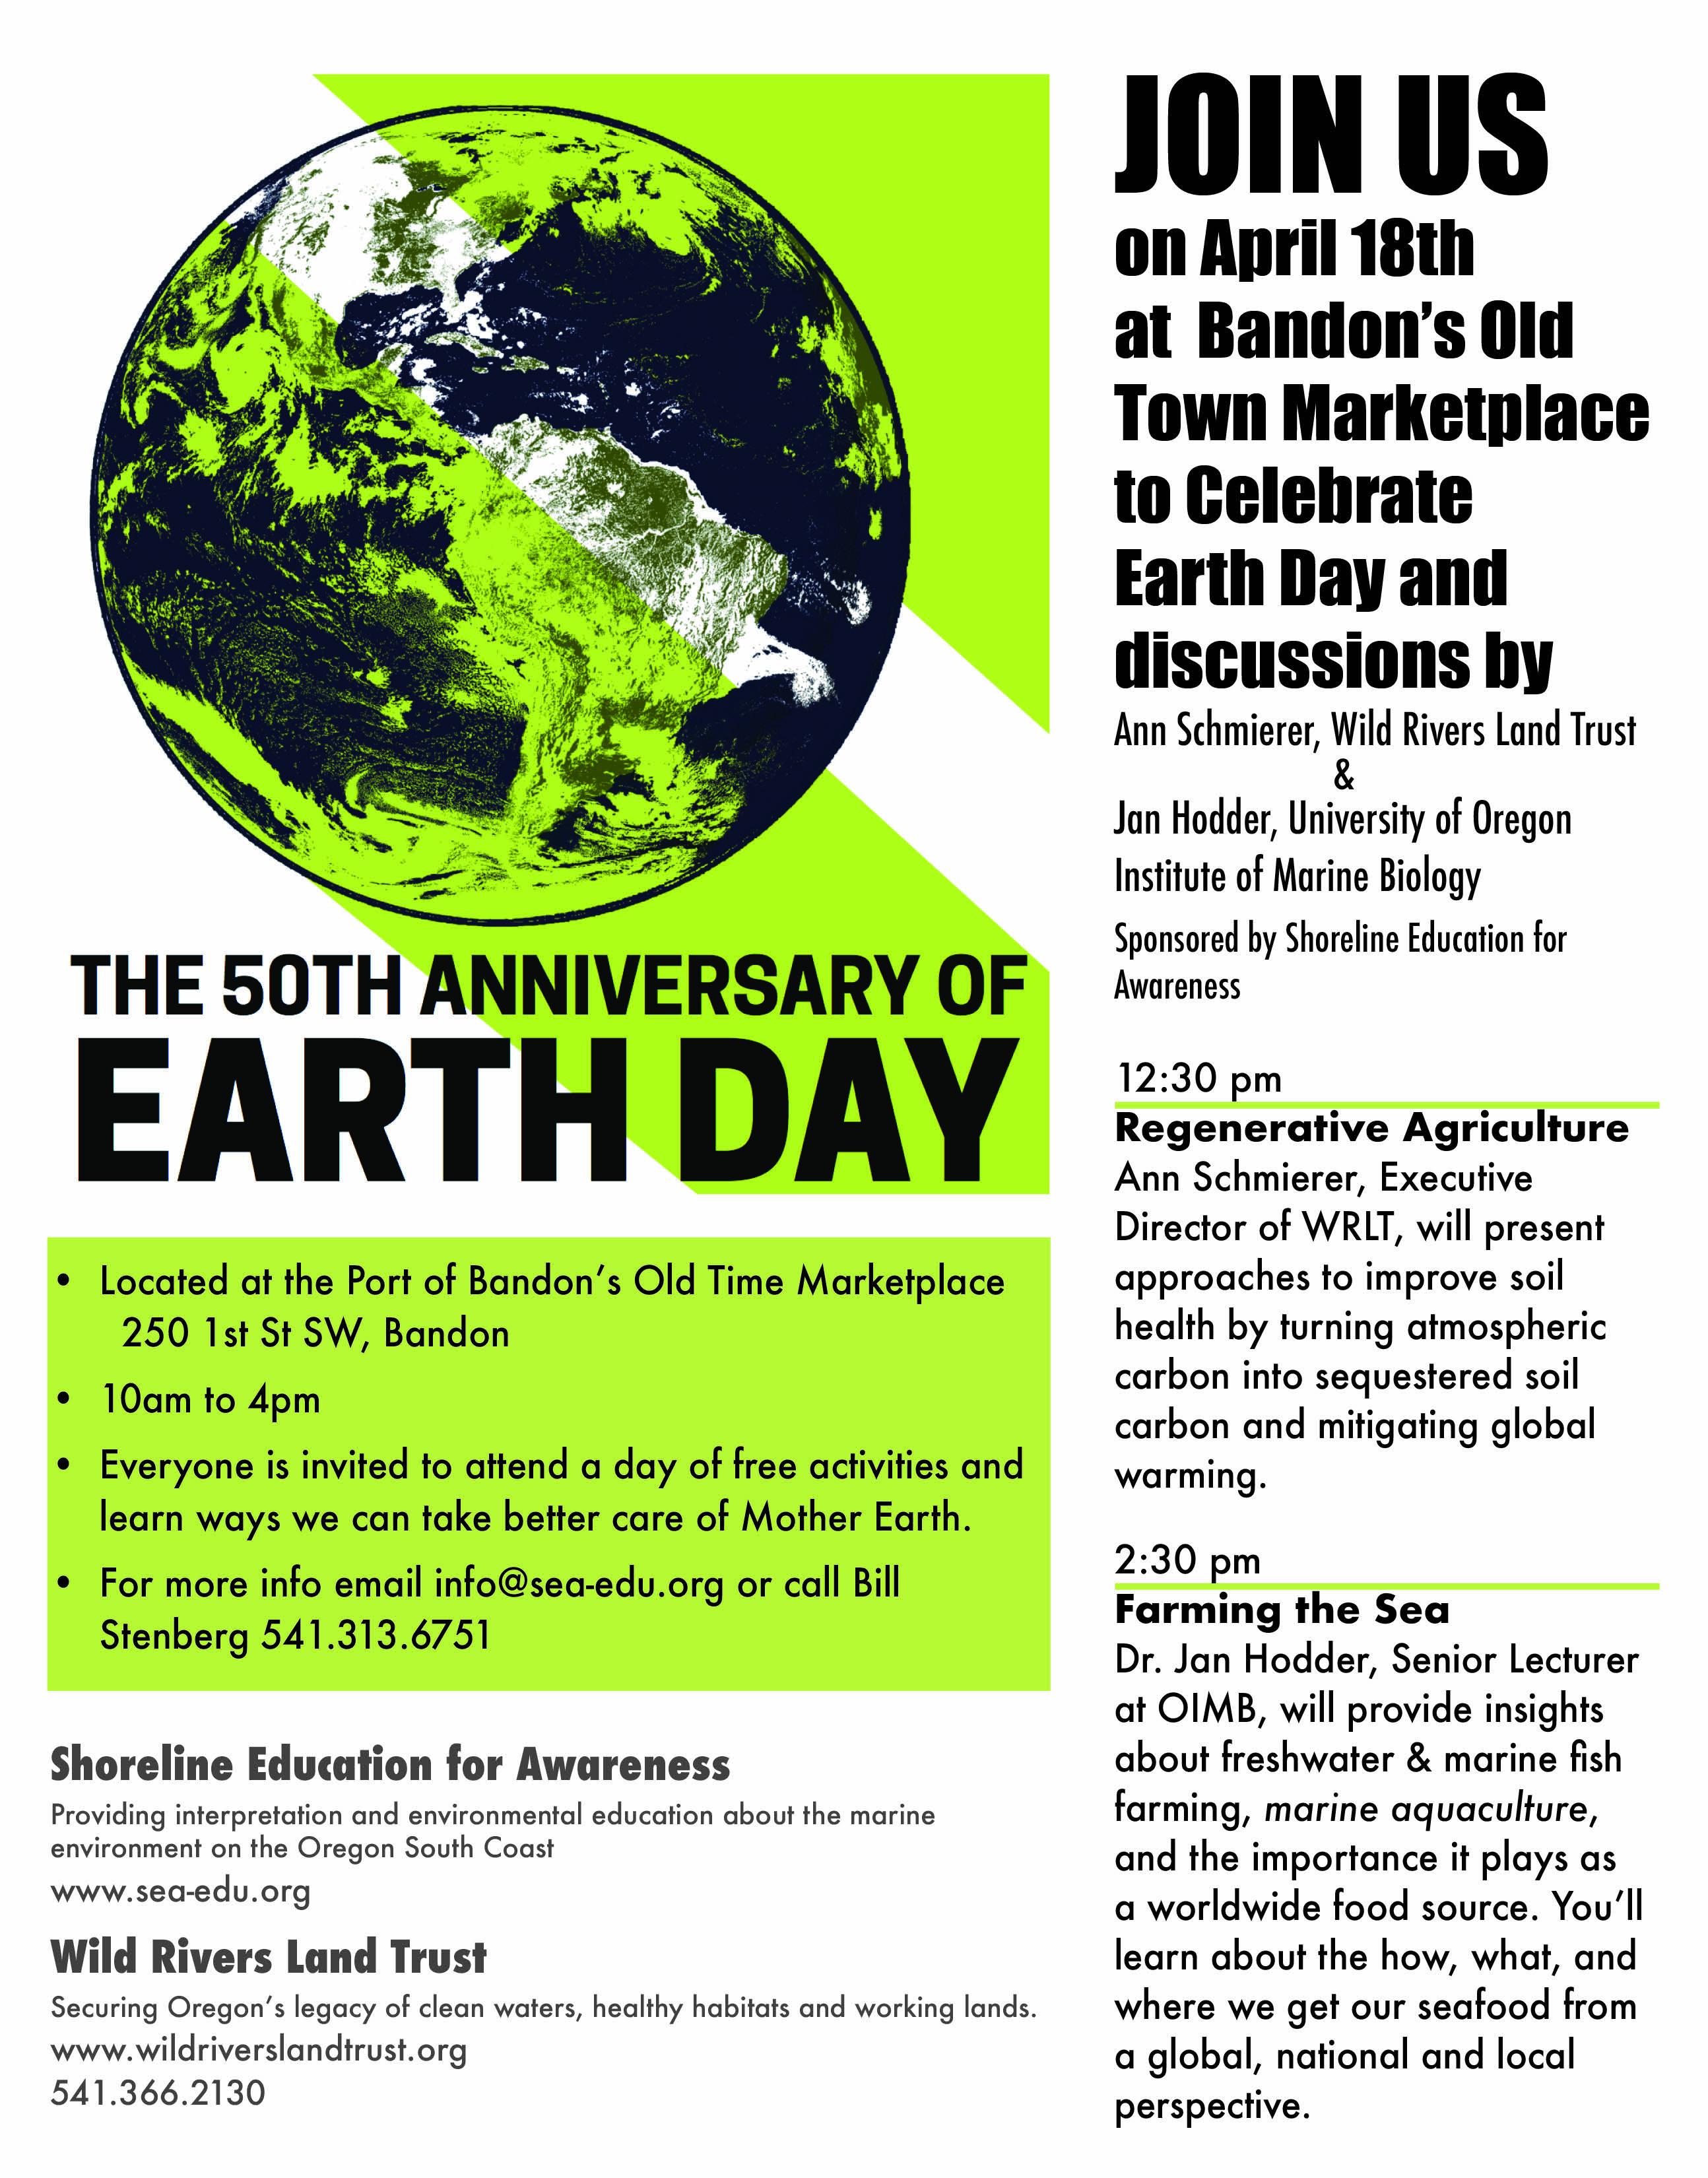 EarthDay2020-poster-WRLT